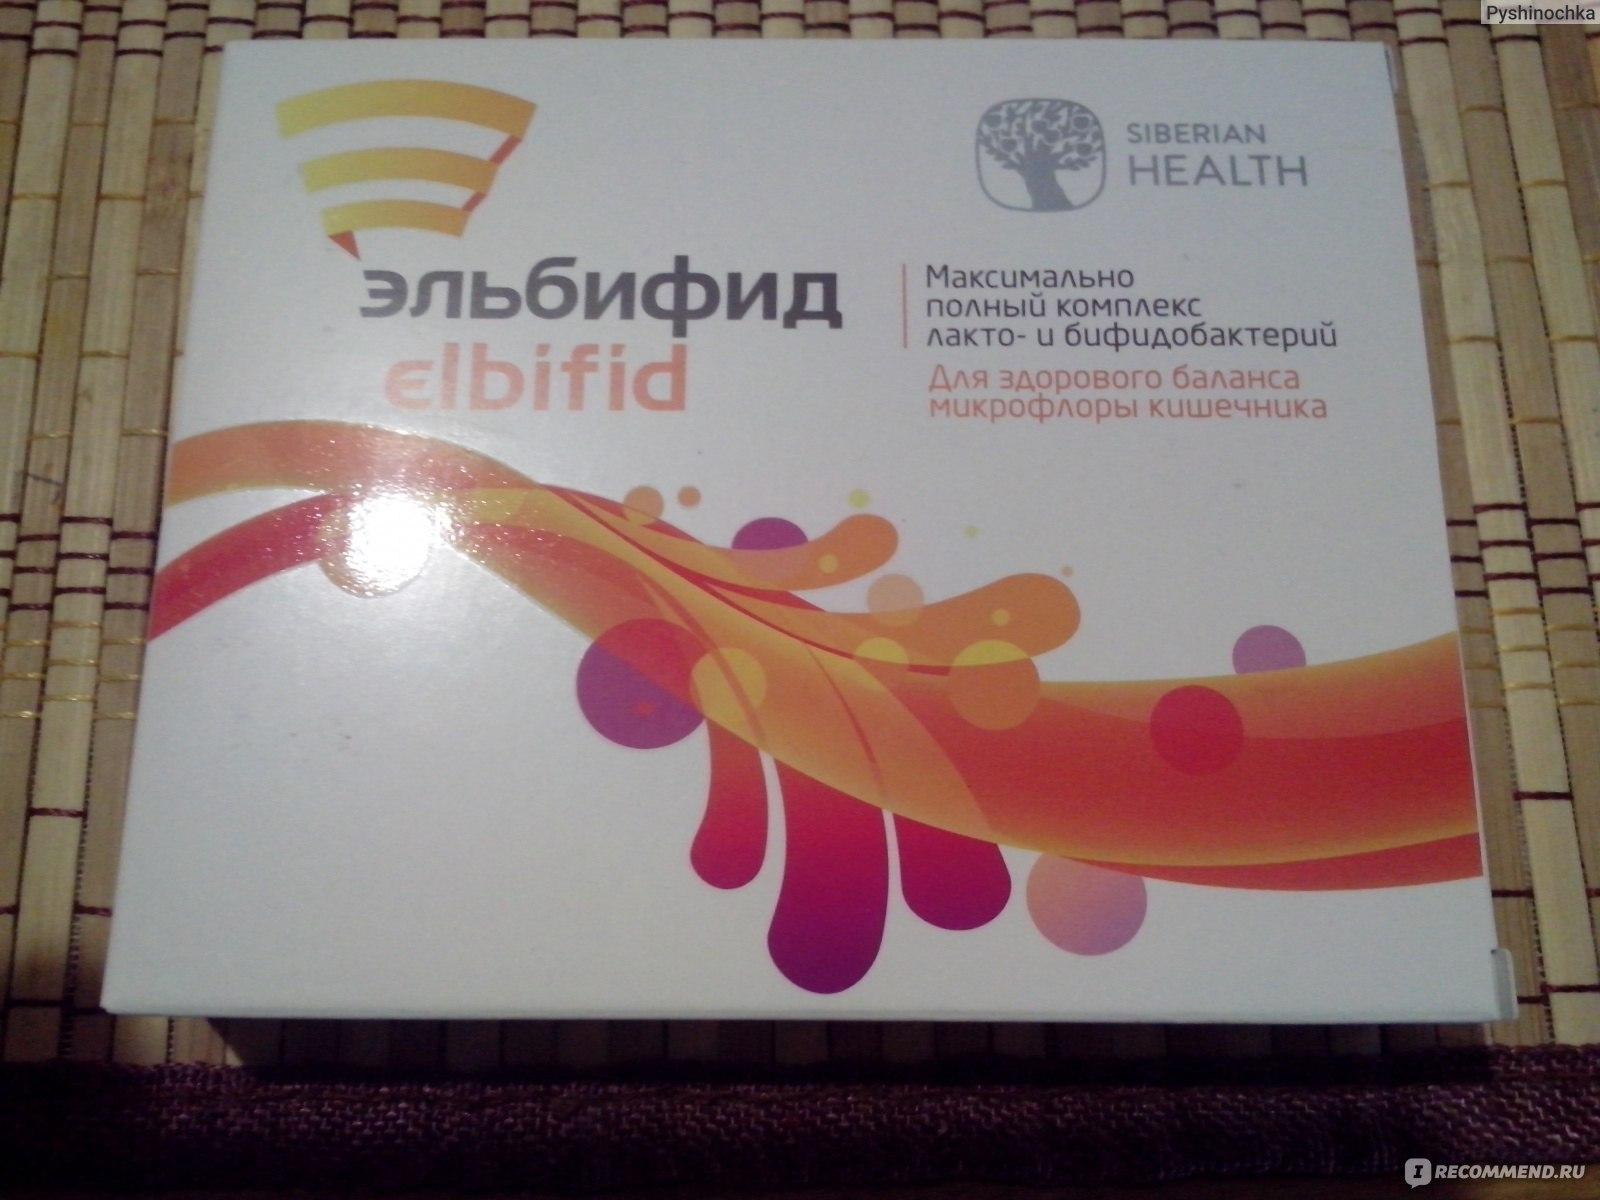 эльбифид сибирское здоровье купить